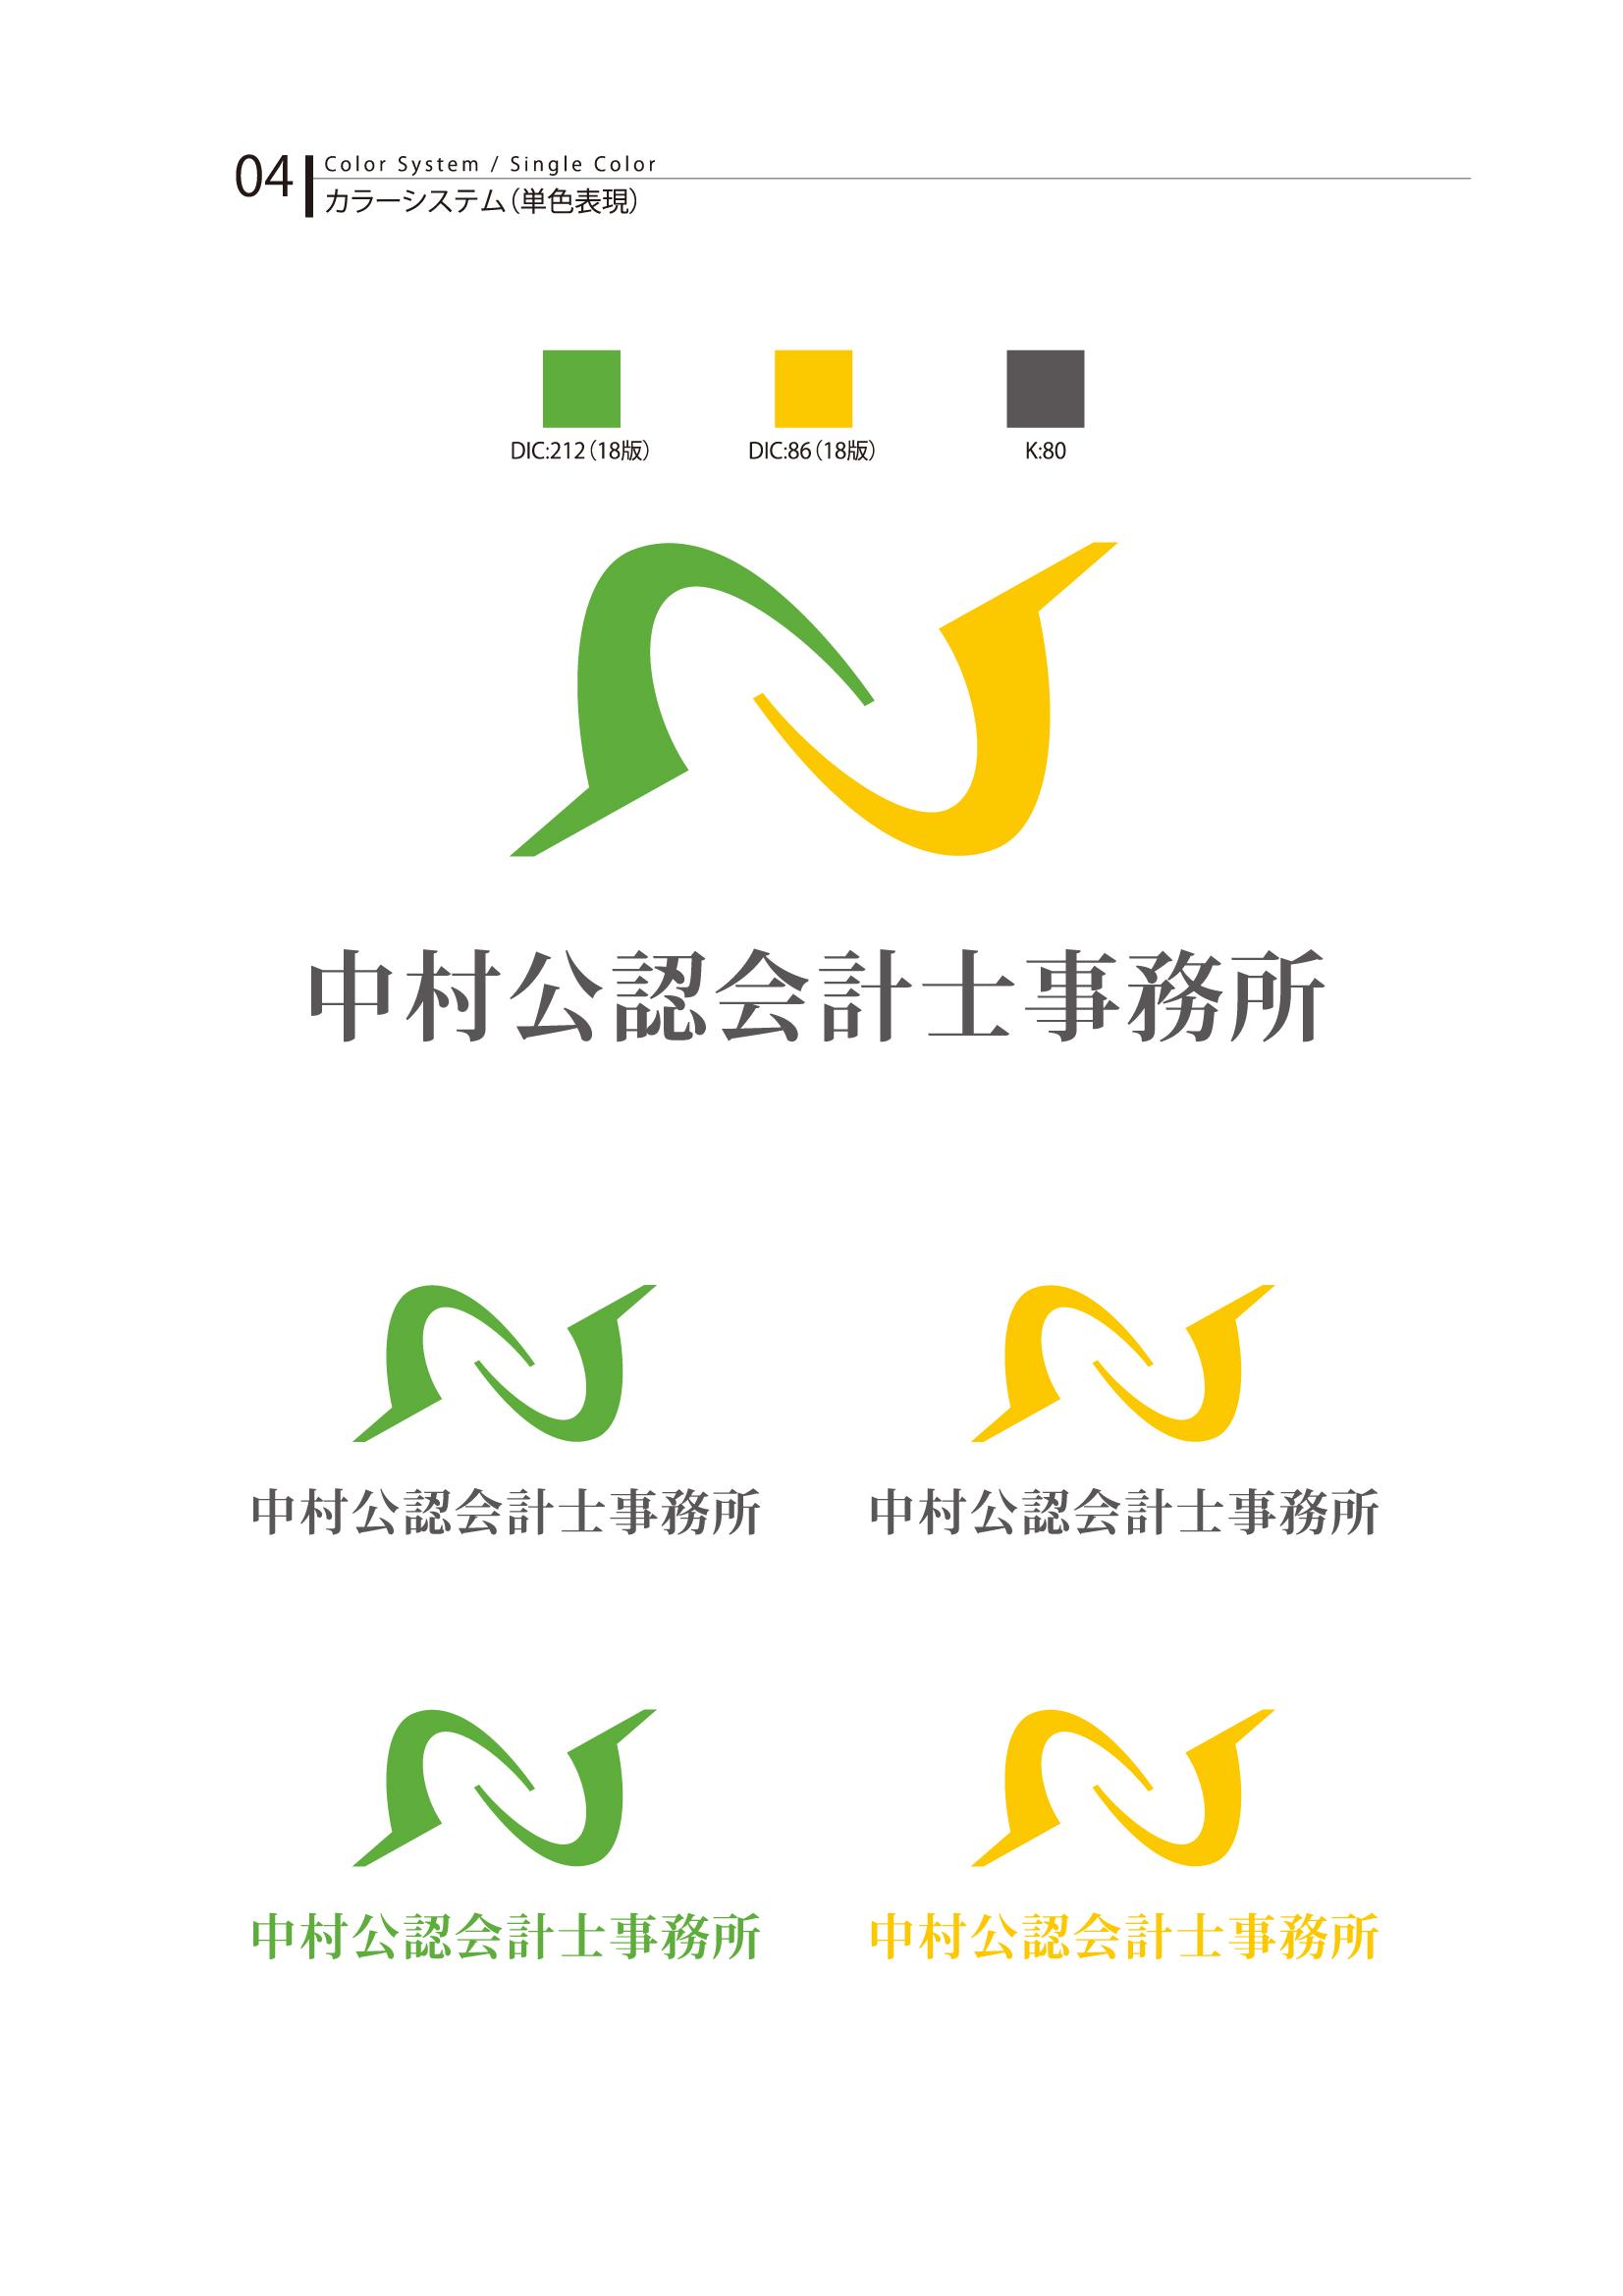 ロゴ 単色表現